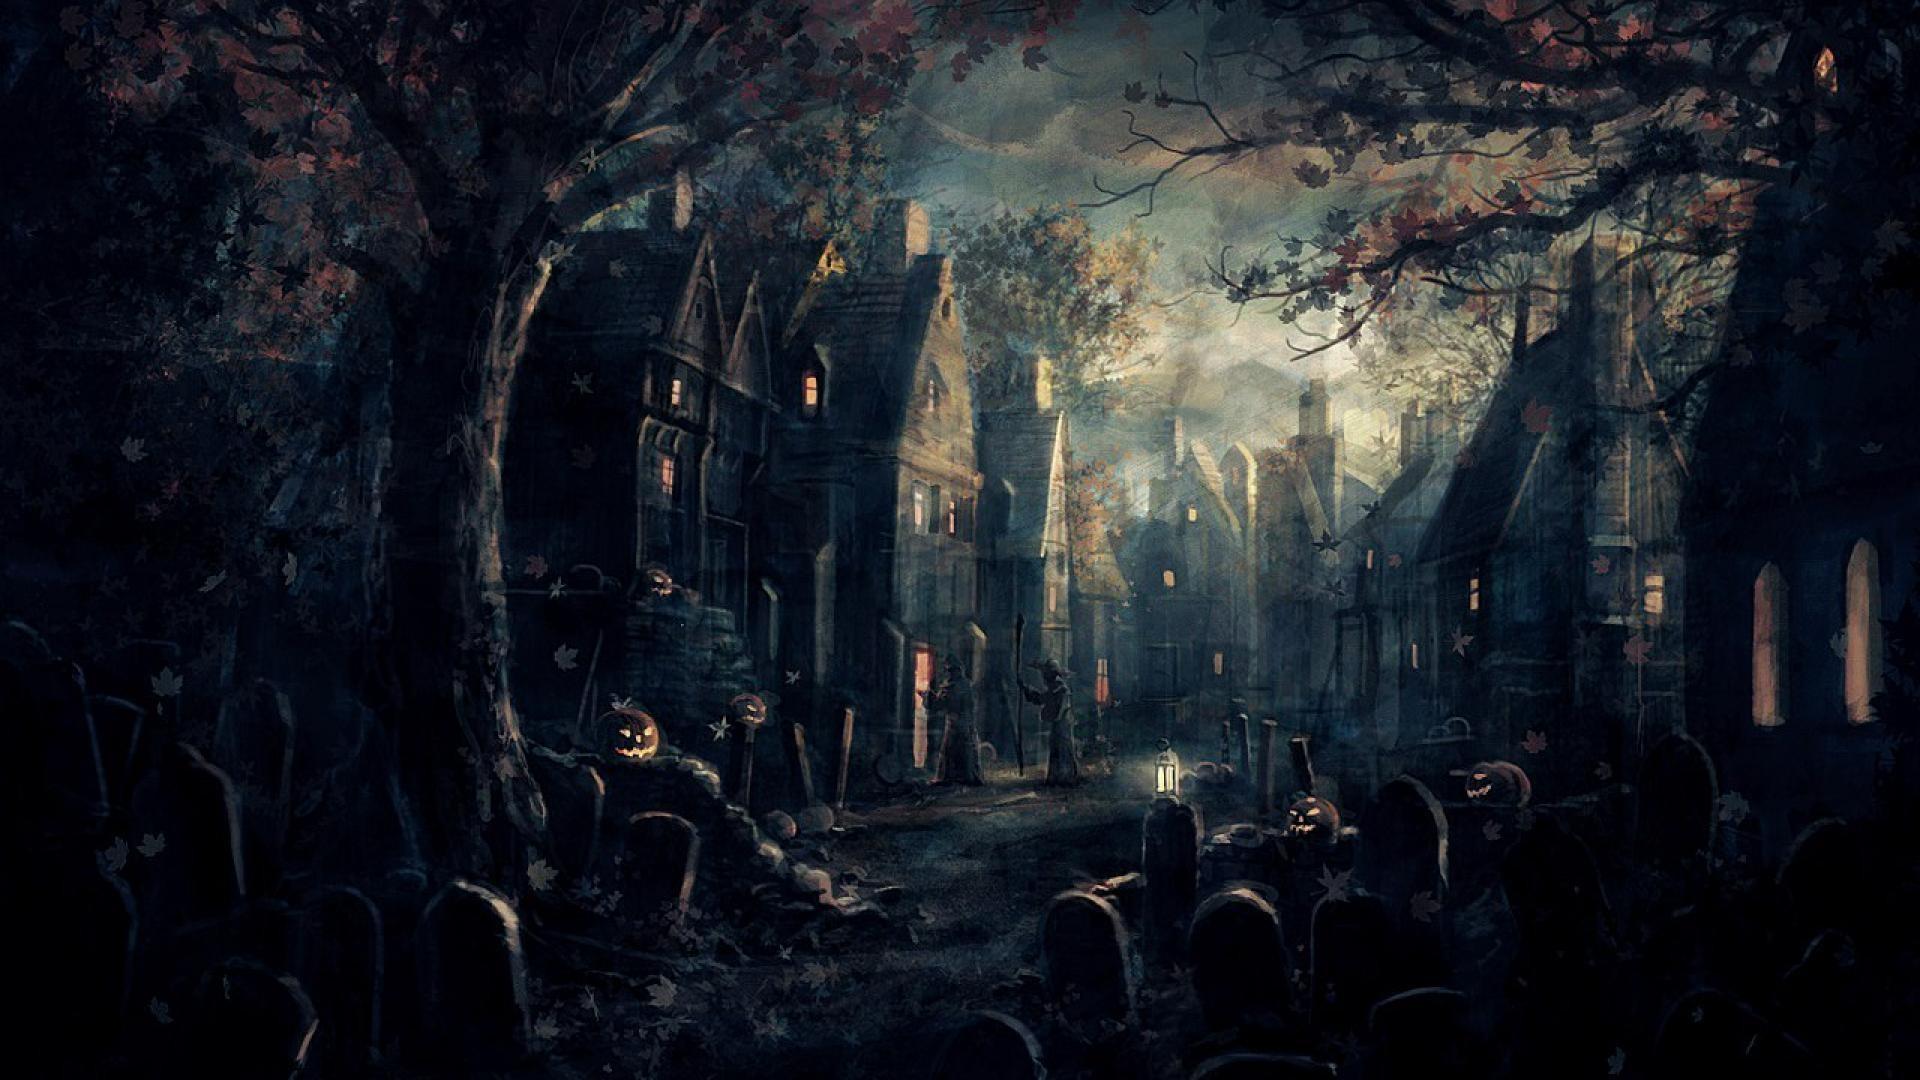 Top 10 Impressive Halloween Desktop Wallpapers in 2014 | Frivmaz.